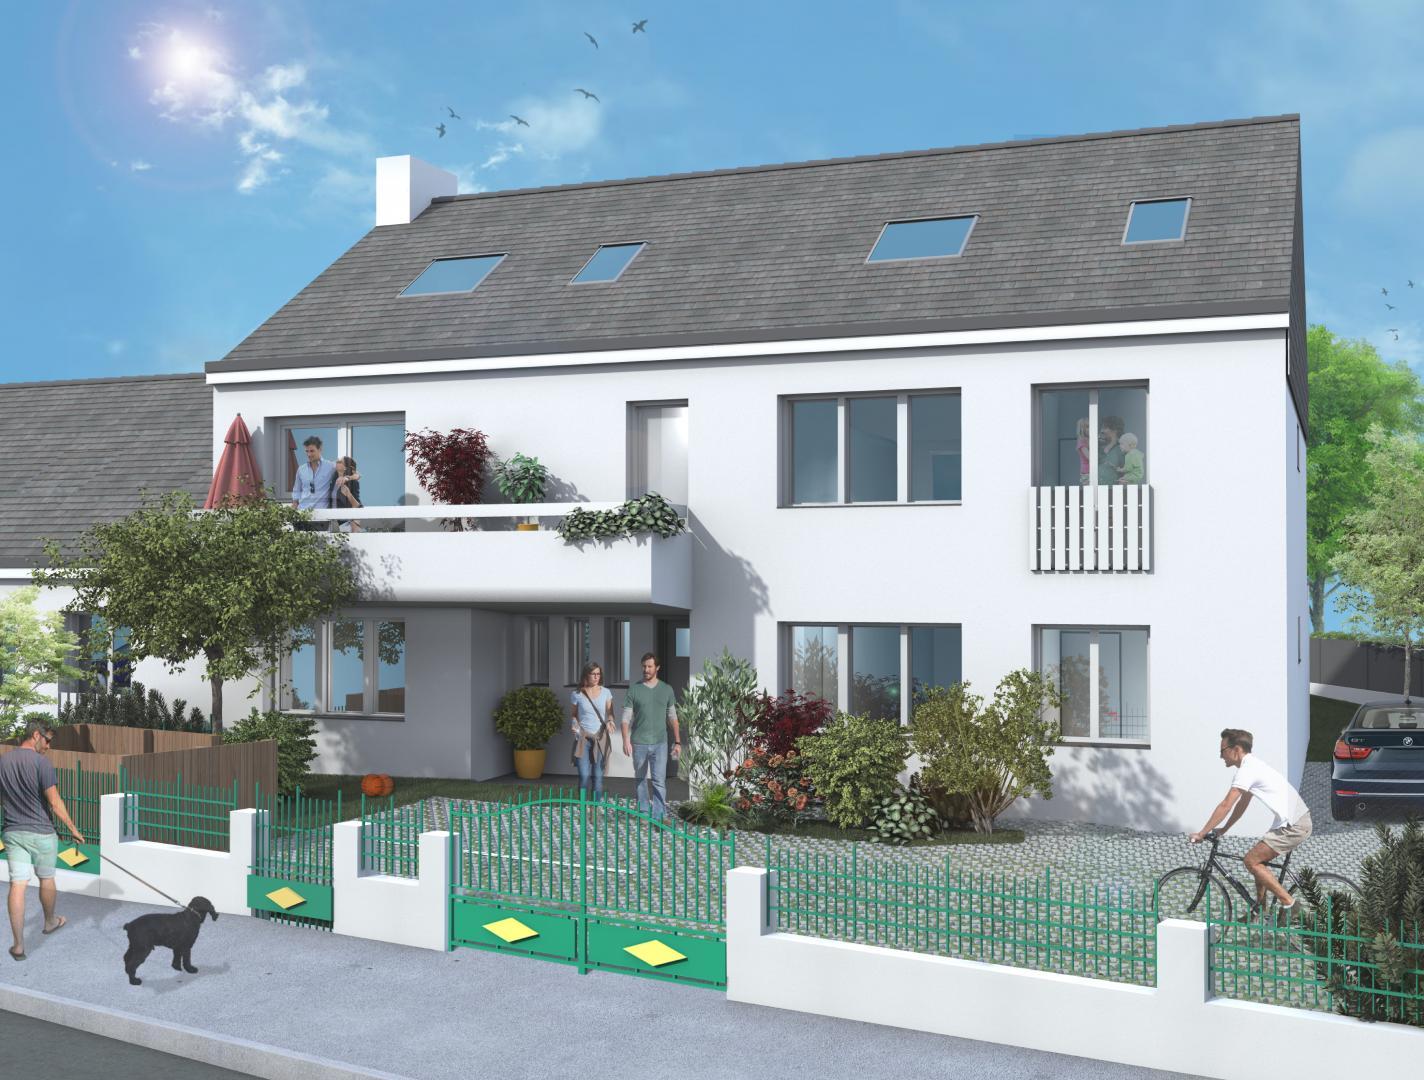 Programme immobilier neuf en Loire Atlantique : résidence Iris à Saint Herblain - TK Promotion